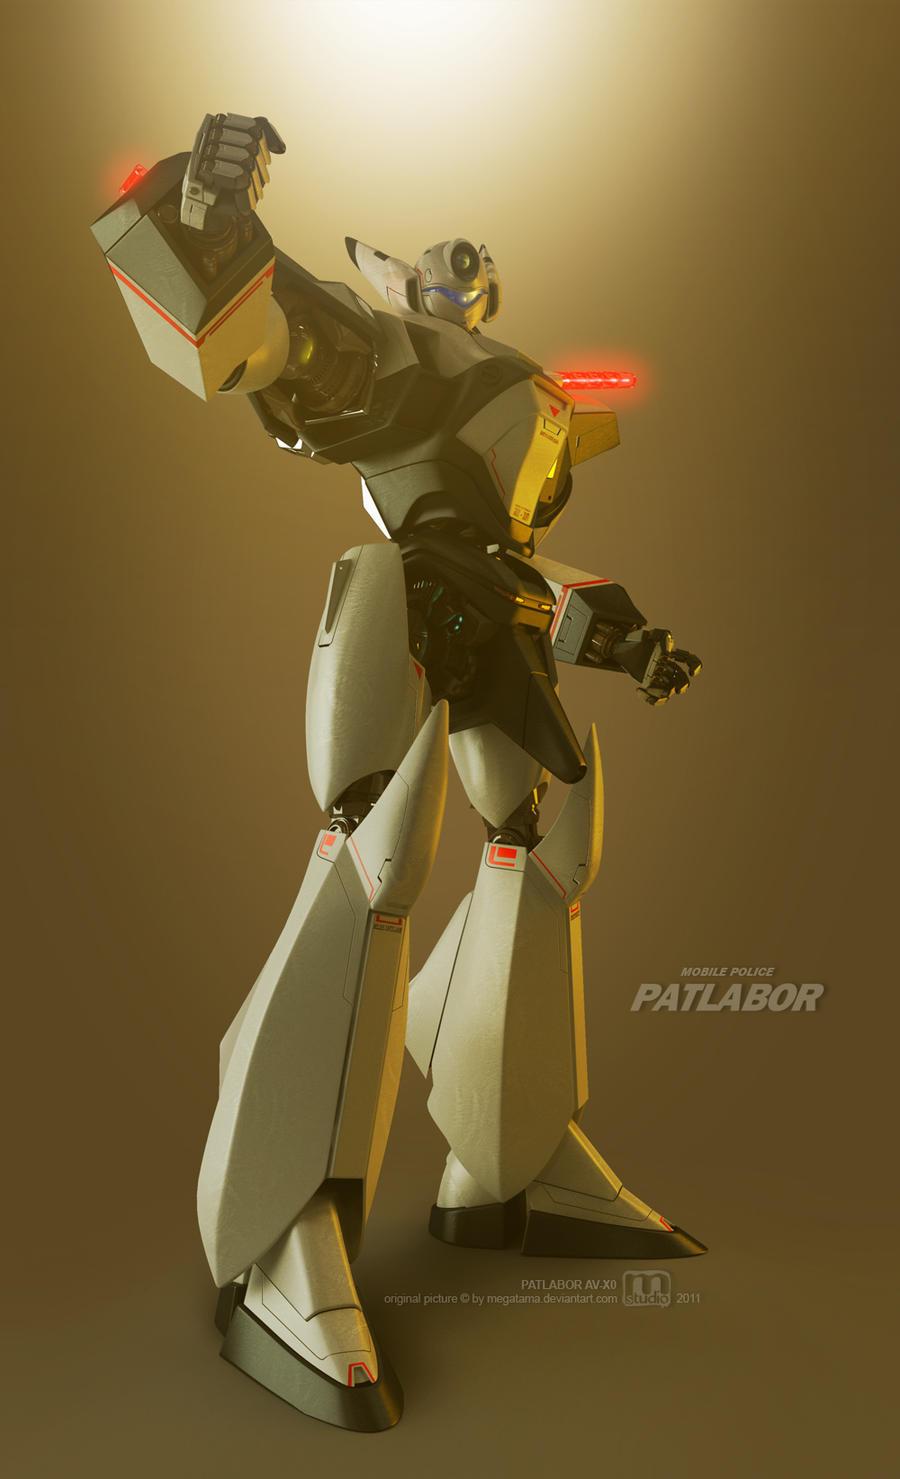 AV-X0 PATLABOR by megatama